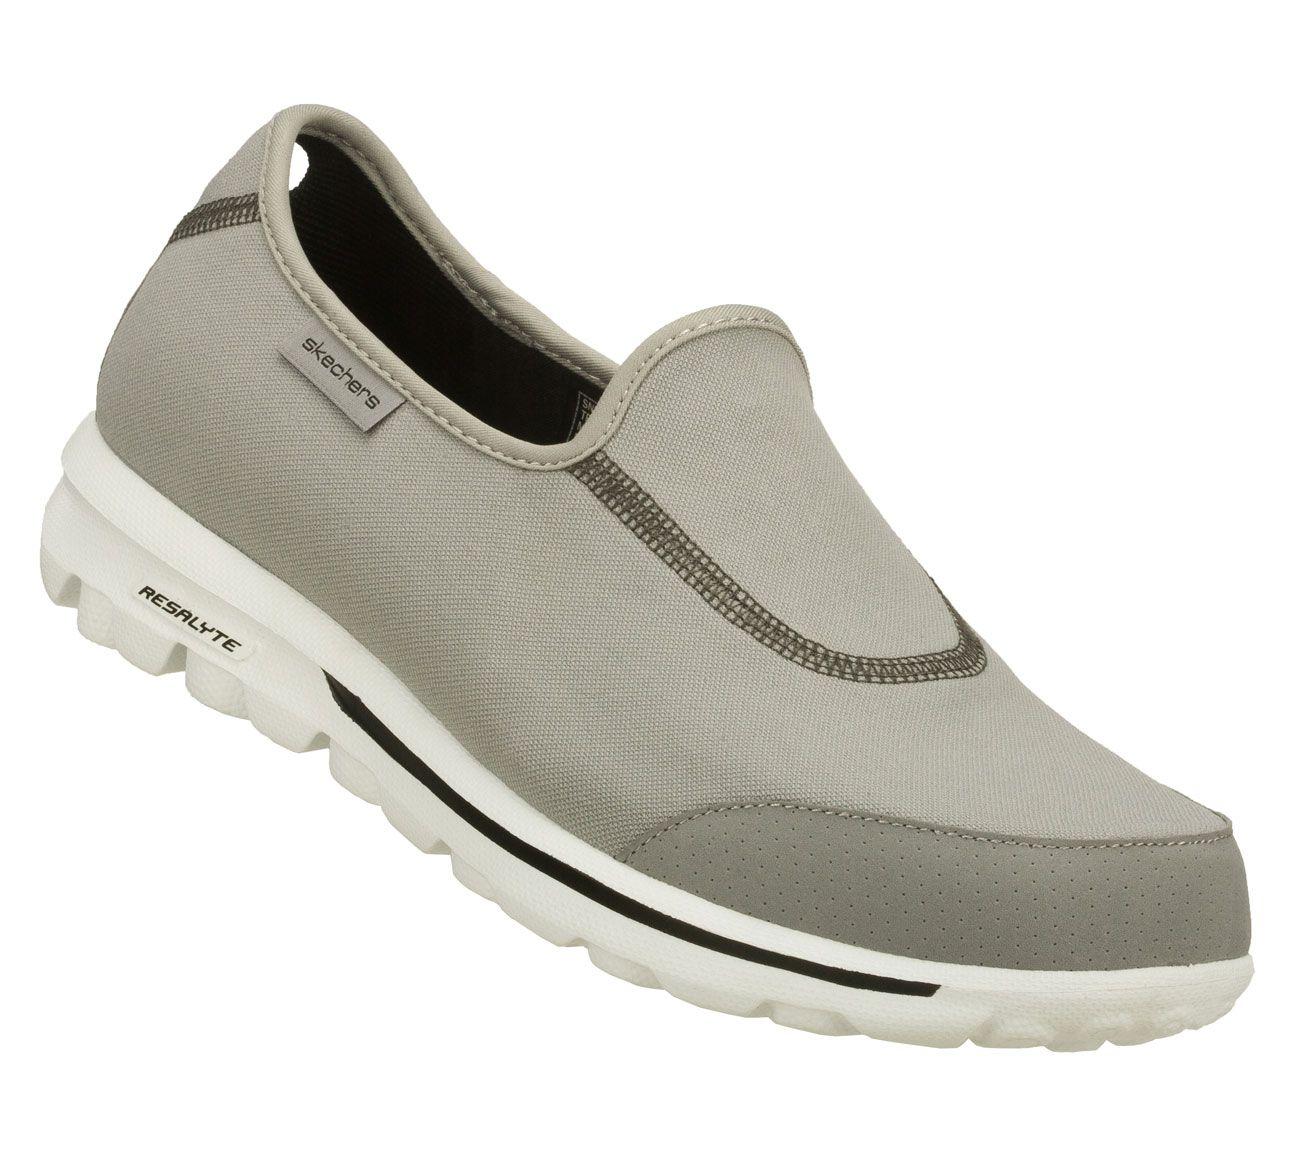 buy skechers s skechers gowalk walking shoes only 59